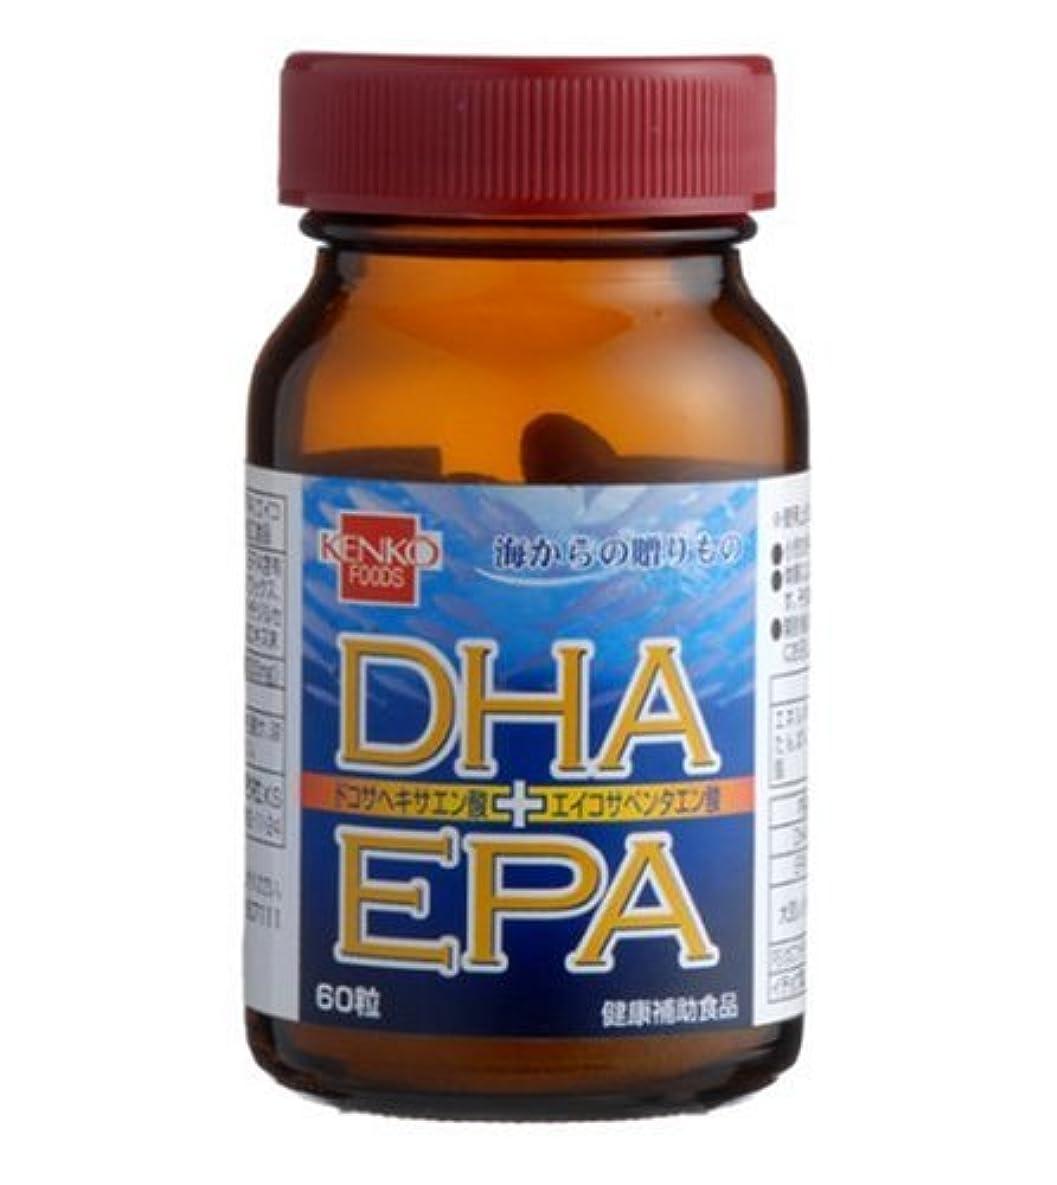 かび臭い集団的機密健康フーズ DHA+EPA 60粒